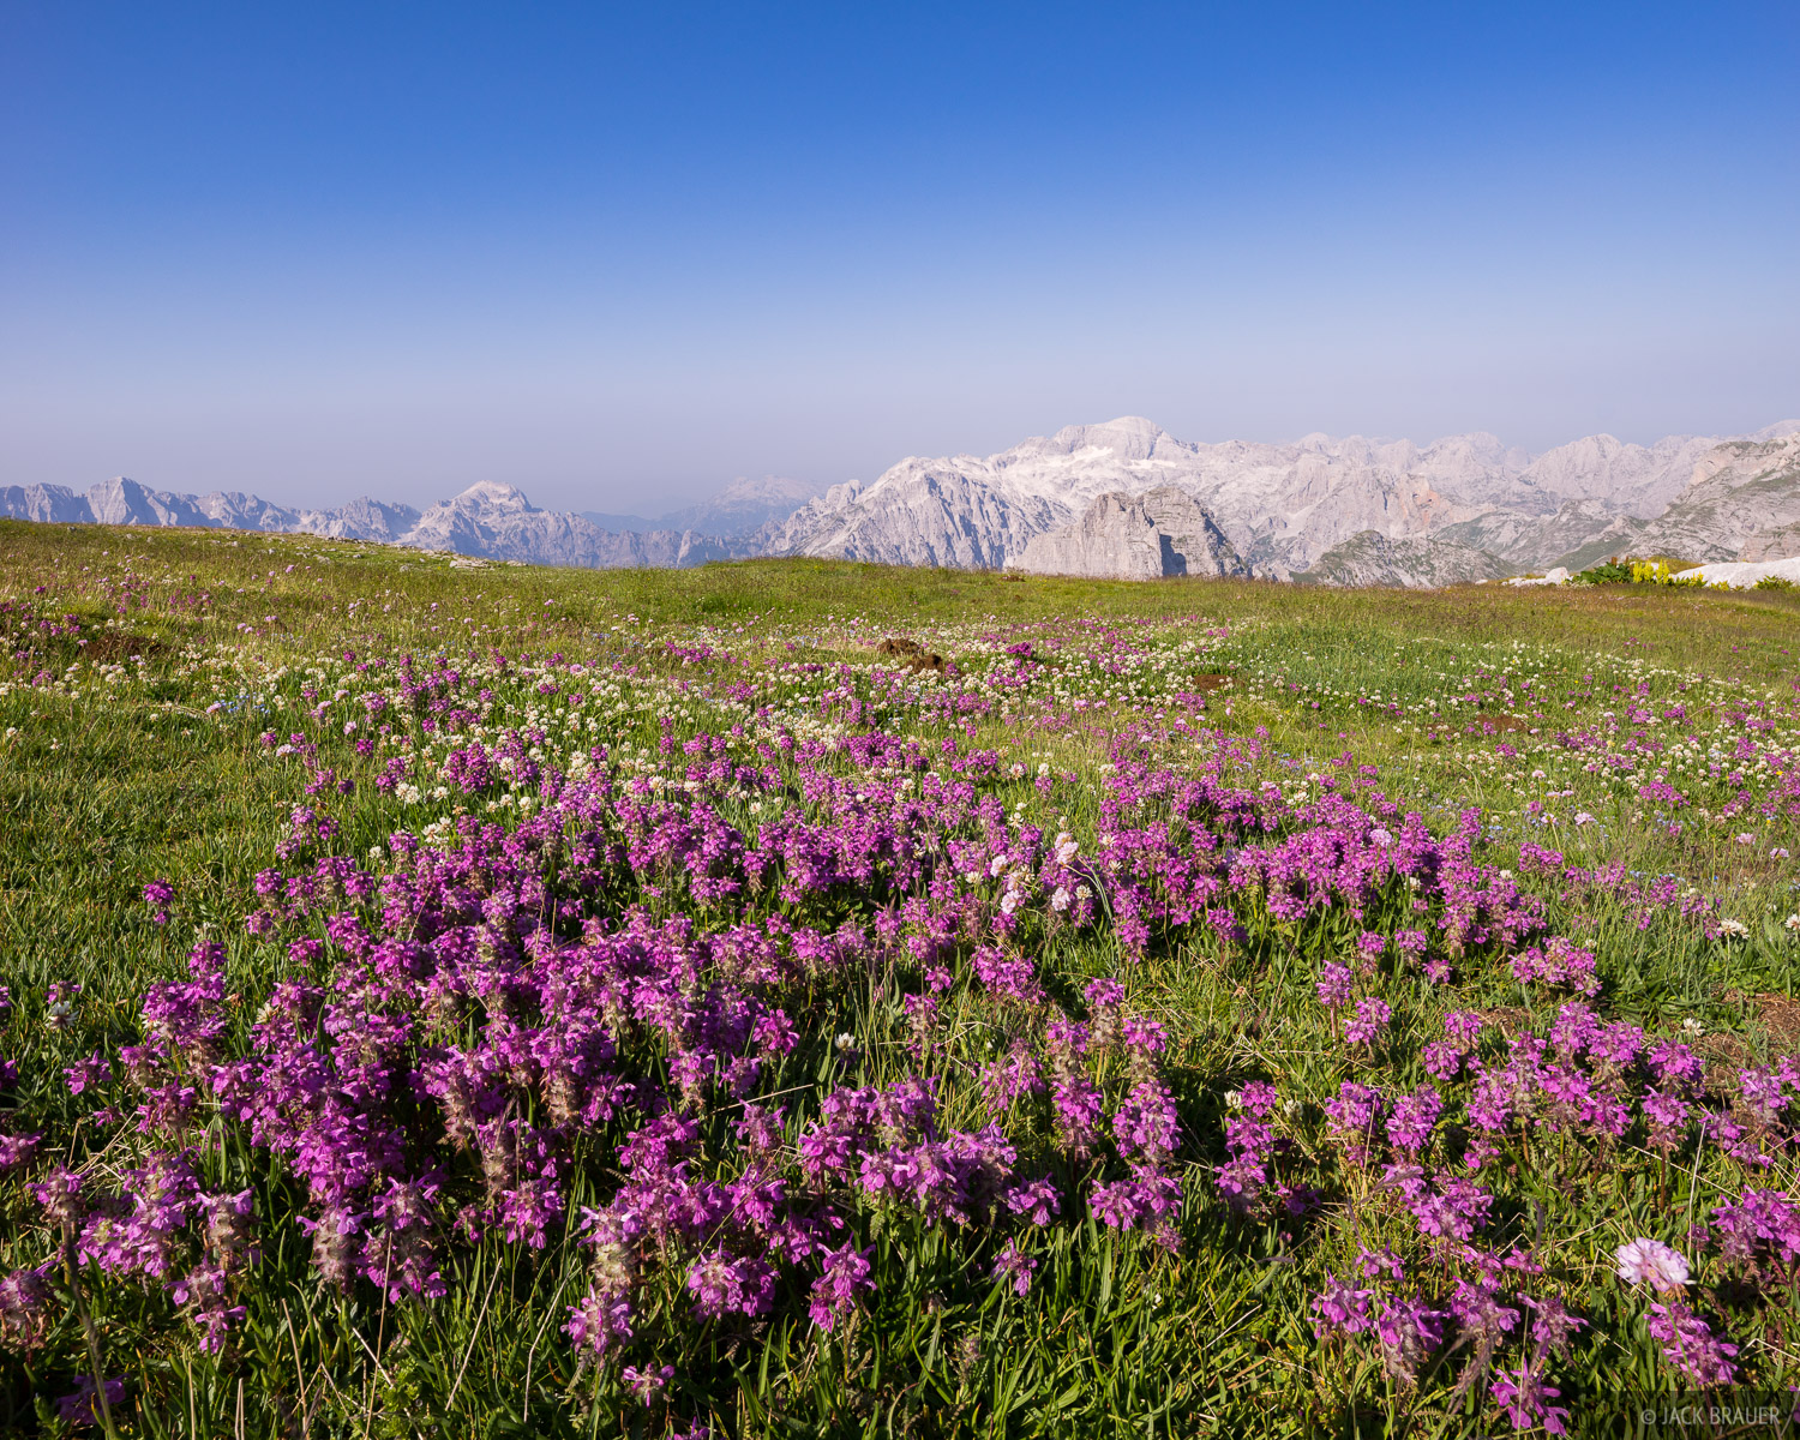 Albania,Maja Jezerce,Bjeshkët e Namuna,Prokletije,wildflowers, Kollata e Keqe, Zla Kolata, photo